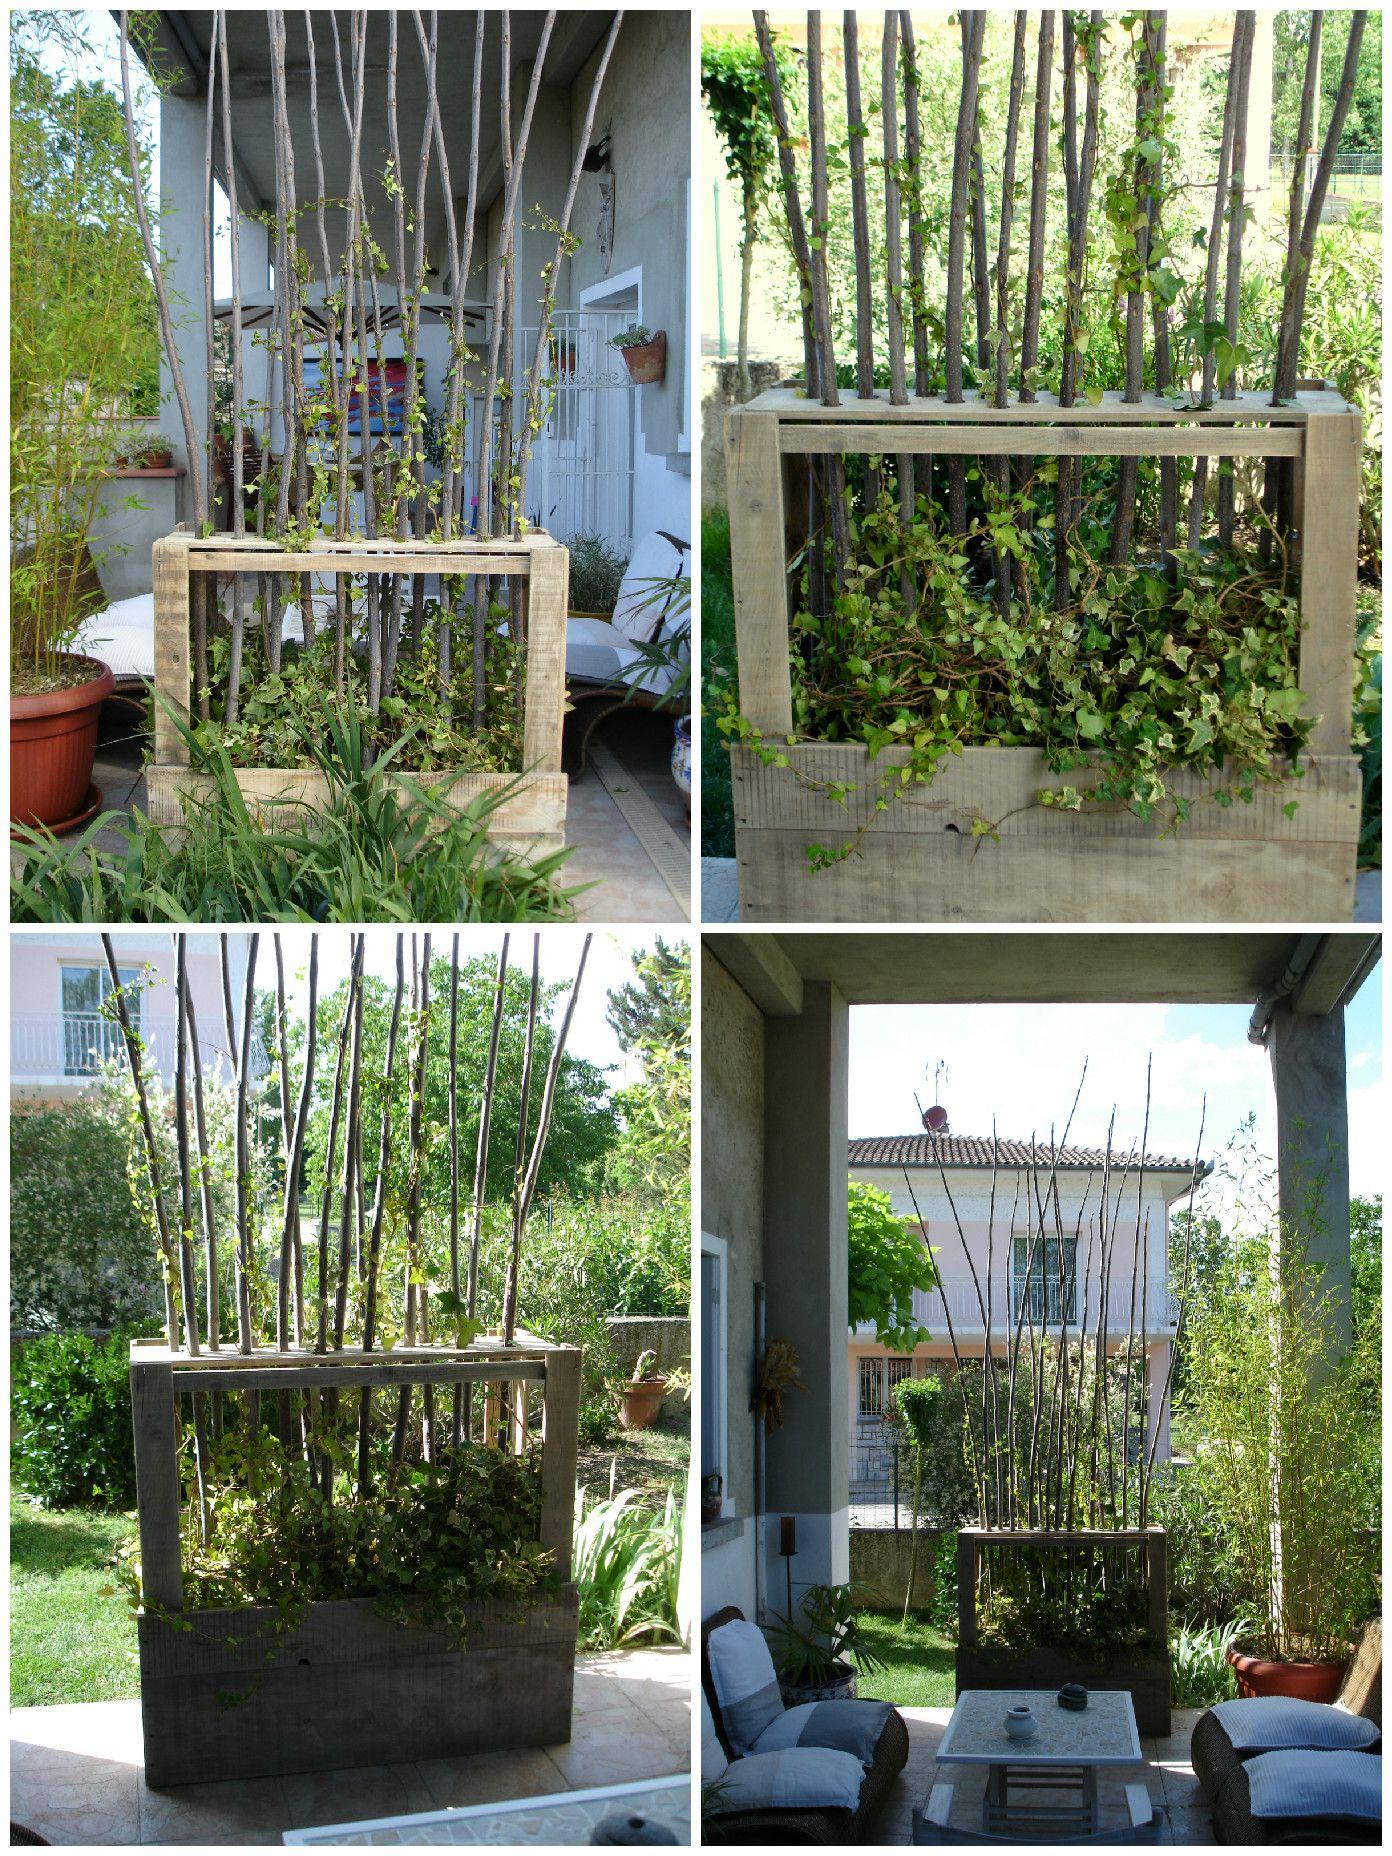 Upcycled Wooden Pallet Vegetal Fence | Pour Le Jardin / For The Garden |  Pinterest | Gärten, Sichtschutz Und Terrasse